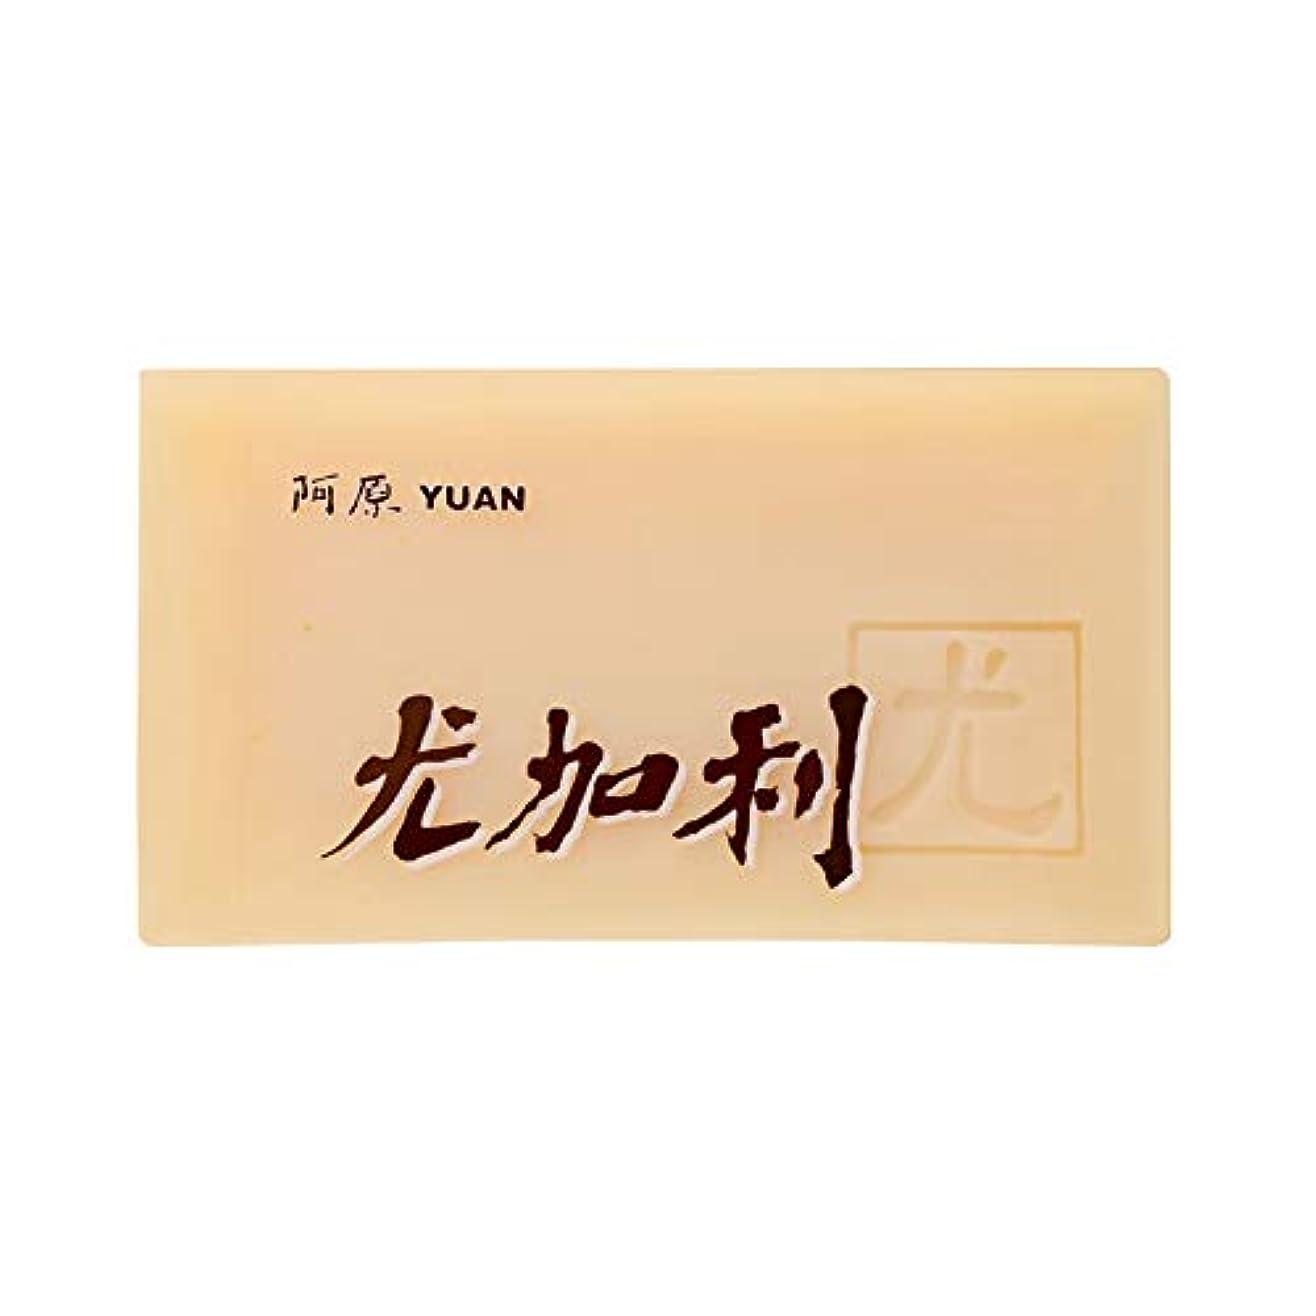 抵抗するキルスインカ帝国ユアン(YUAN) ユアンソープ ユーカリソープ 100g (阿原 石けん 台湾コスメ)